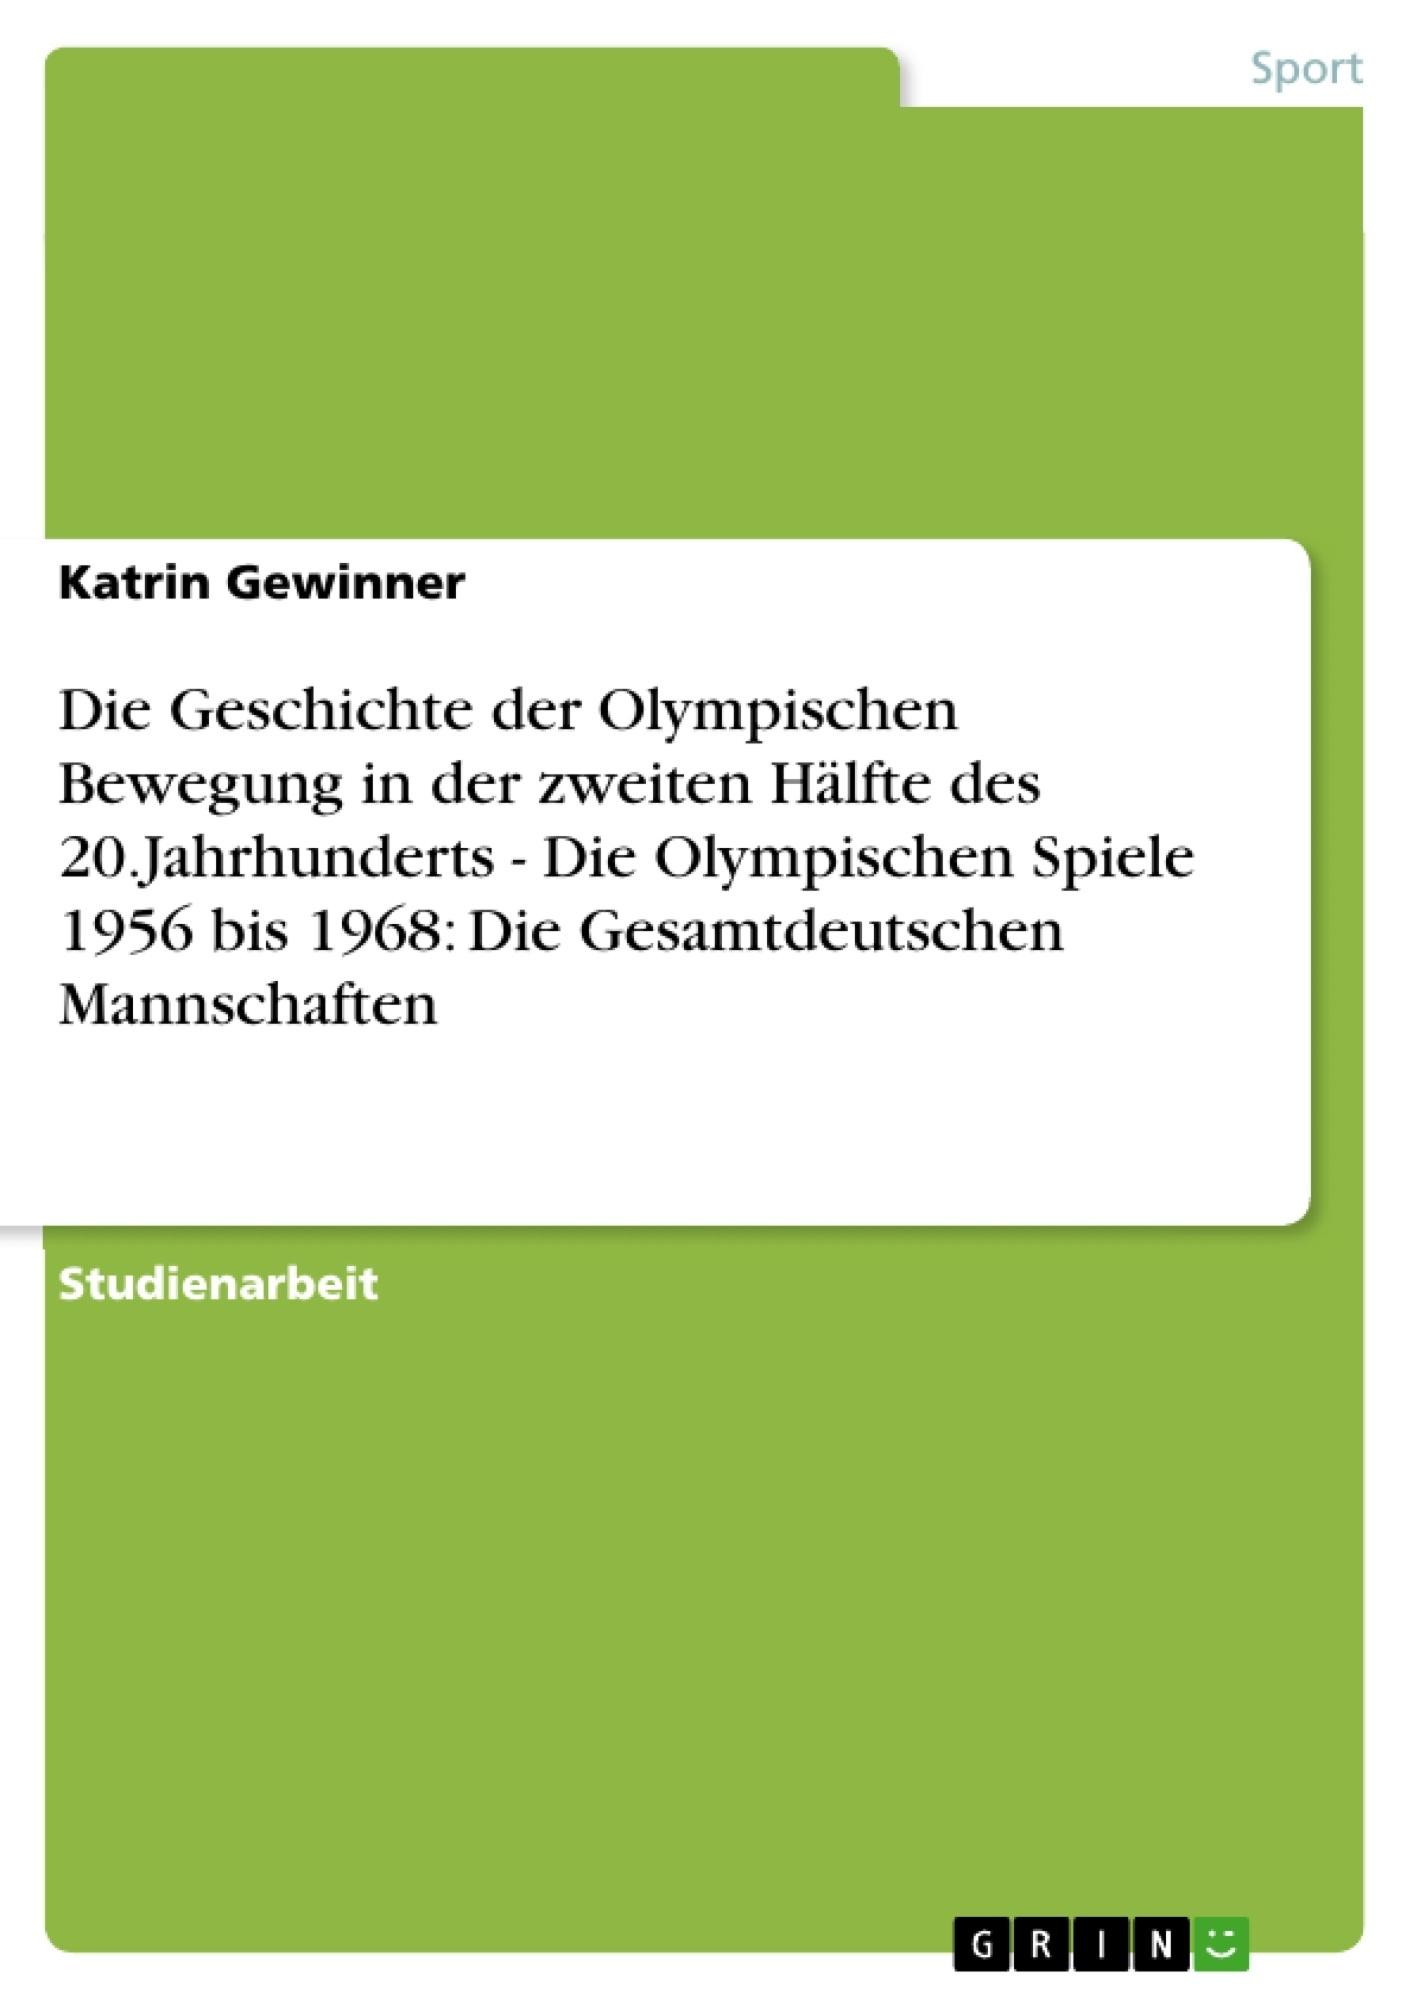 Titel: Die Geschichte der Olympischen Bewegung in der zweiten Hälfte des 20.Jahrhunderts - Die Olympischen Spiele 1956 bis 1968: Die Gesamtdeutschen Mannschaften